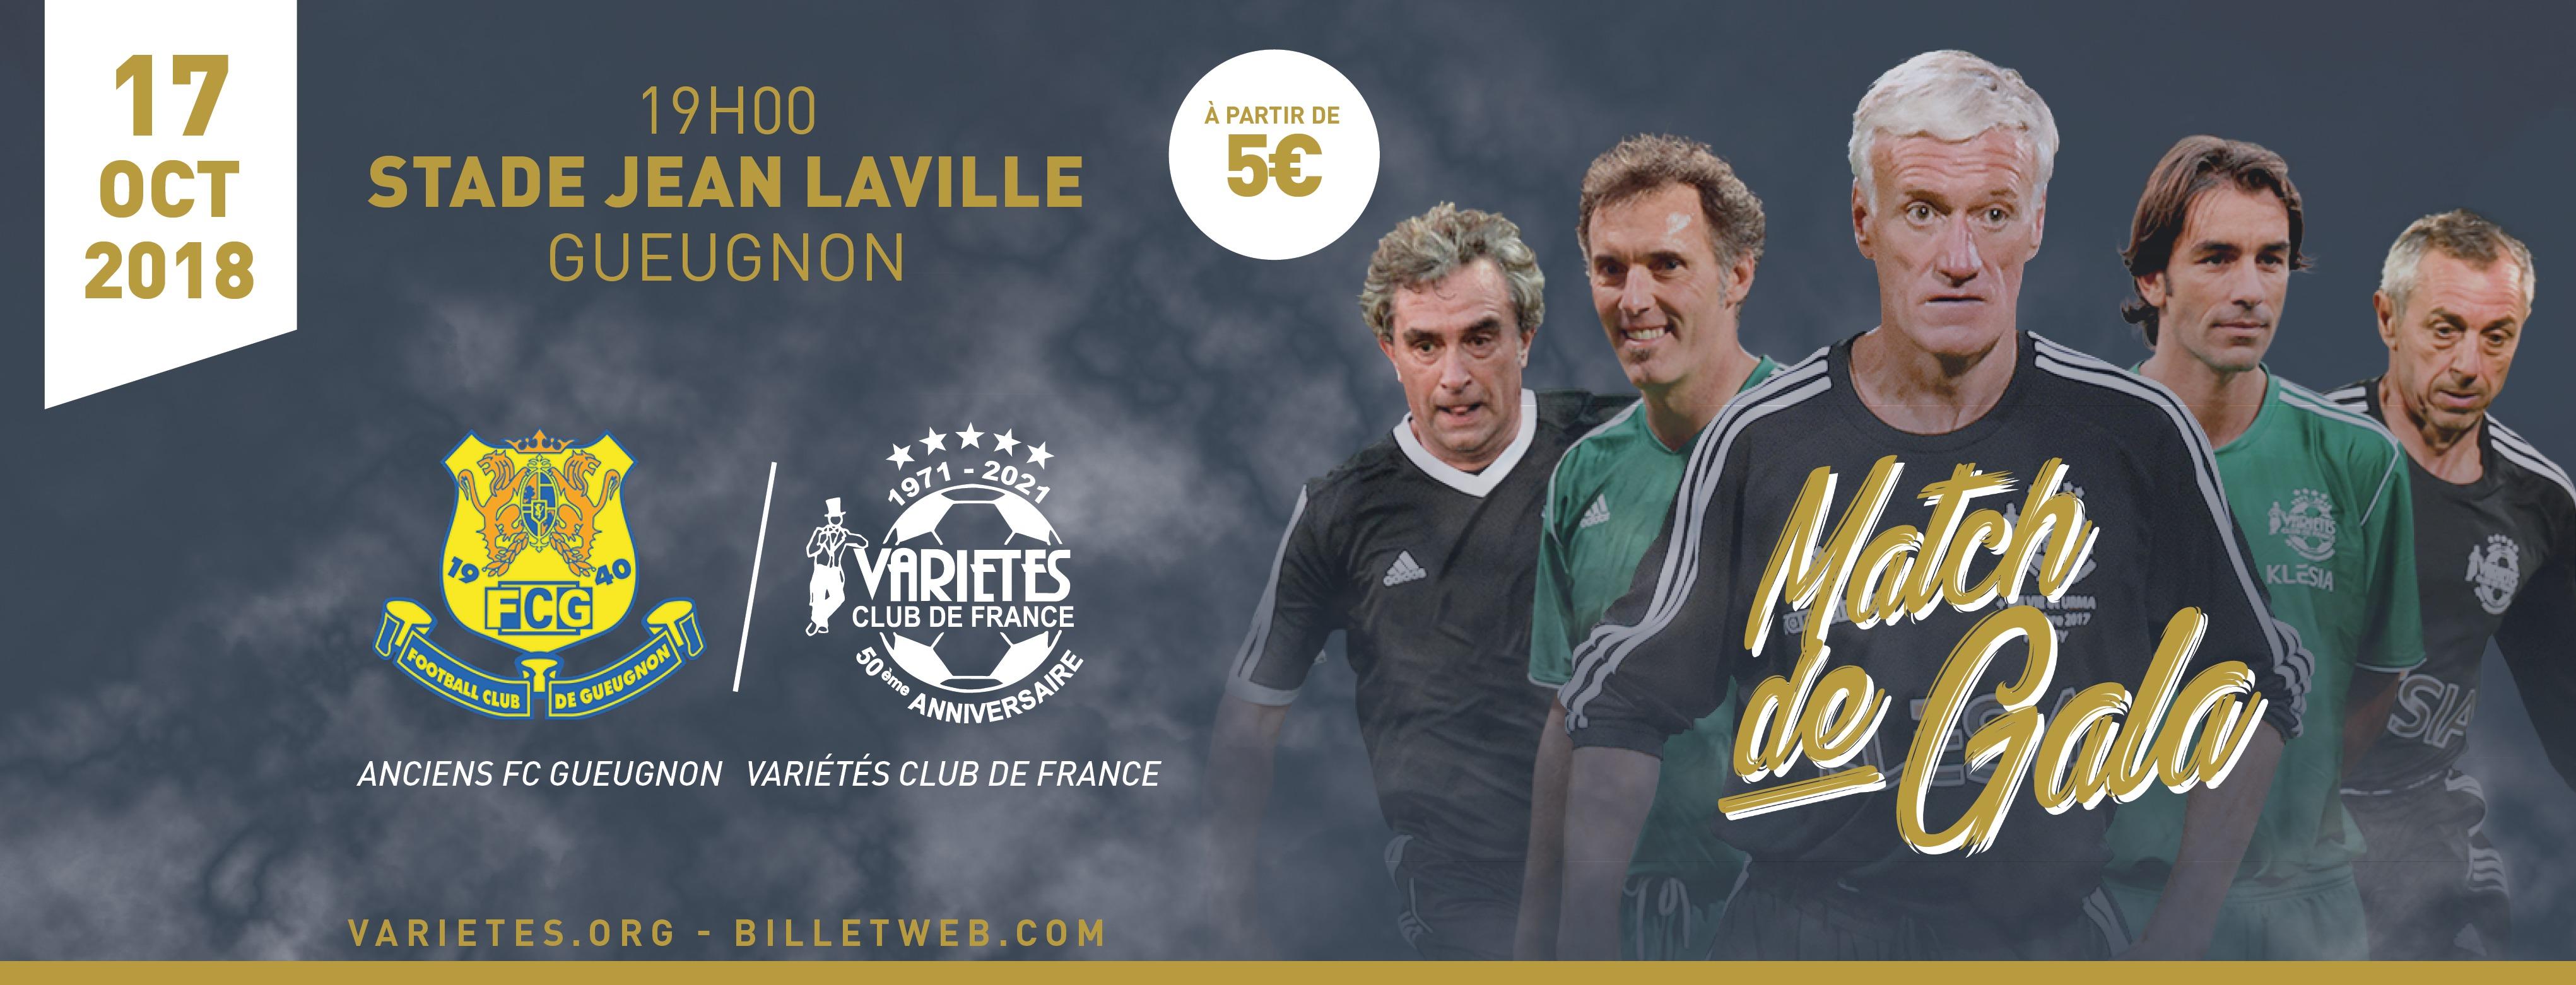 VCF - Bandeau Match Gueugnon indd